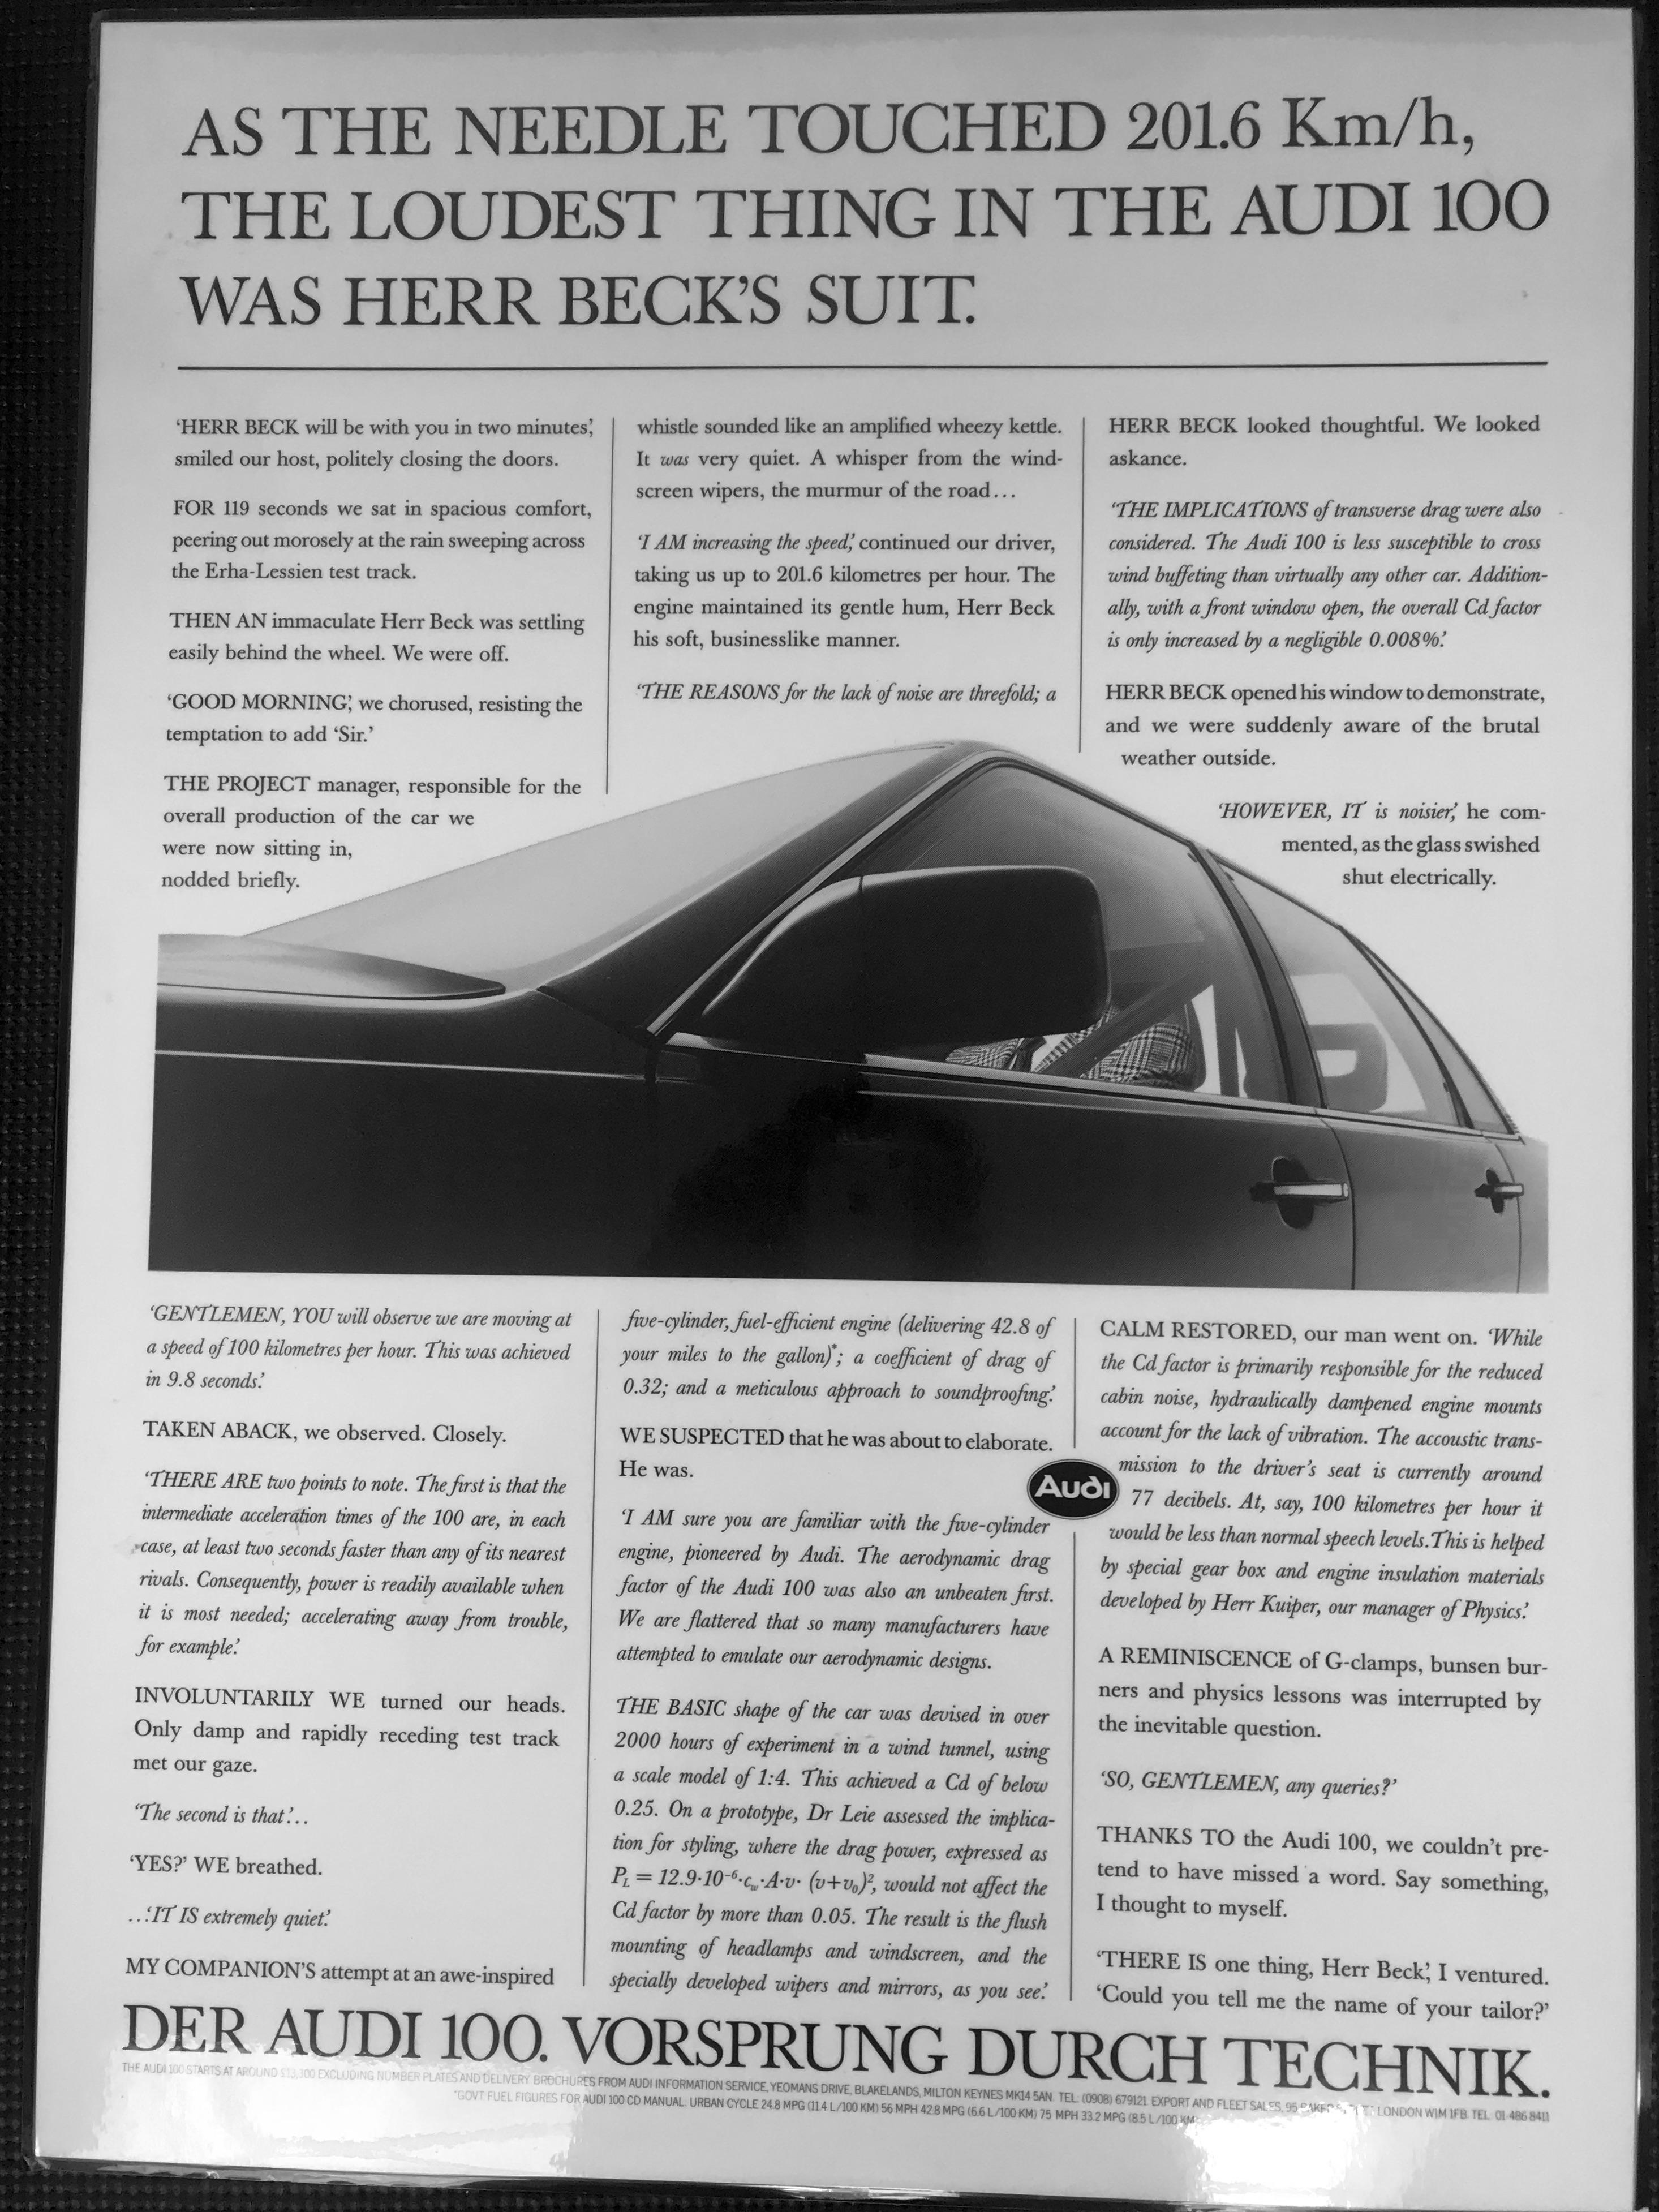 Herr Becks